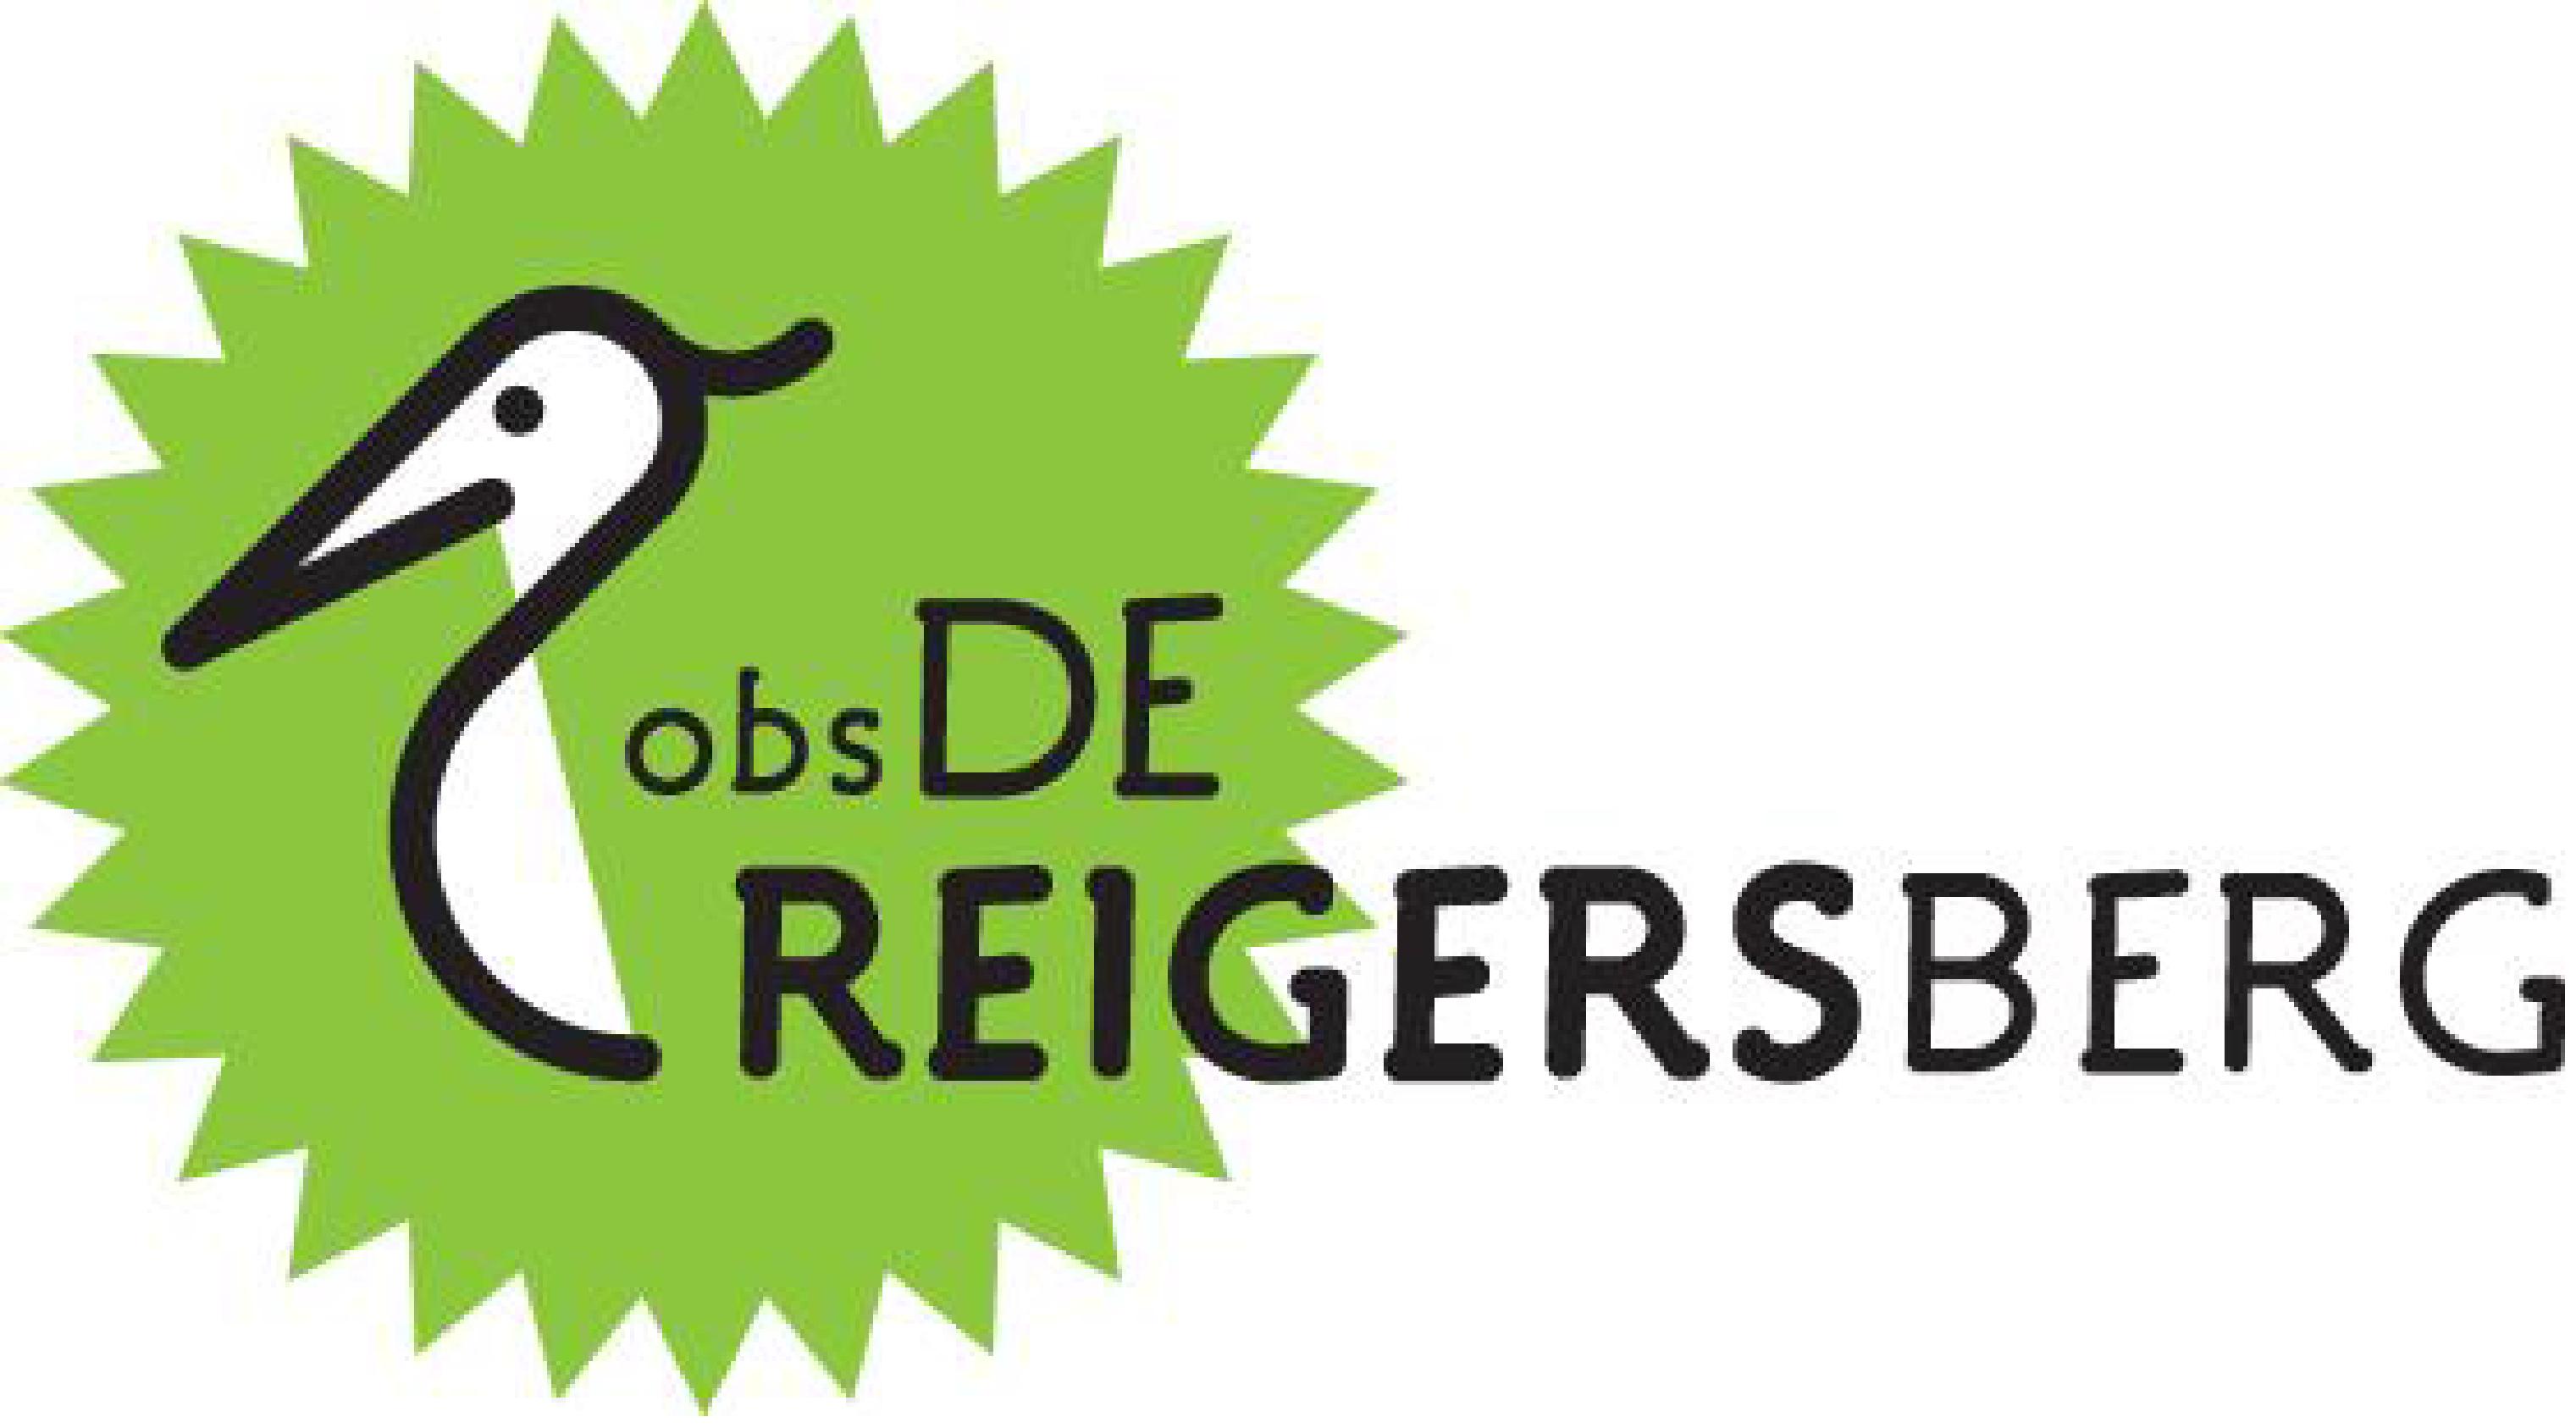 obs-dereigersberg